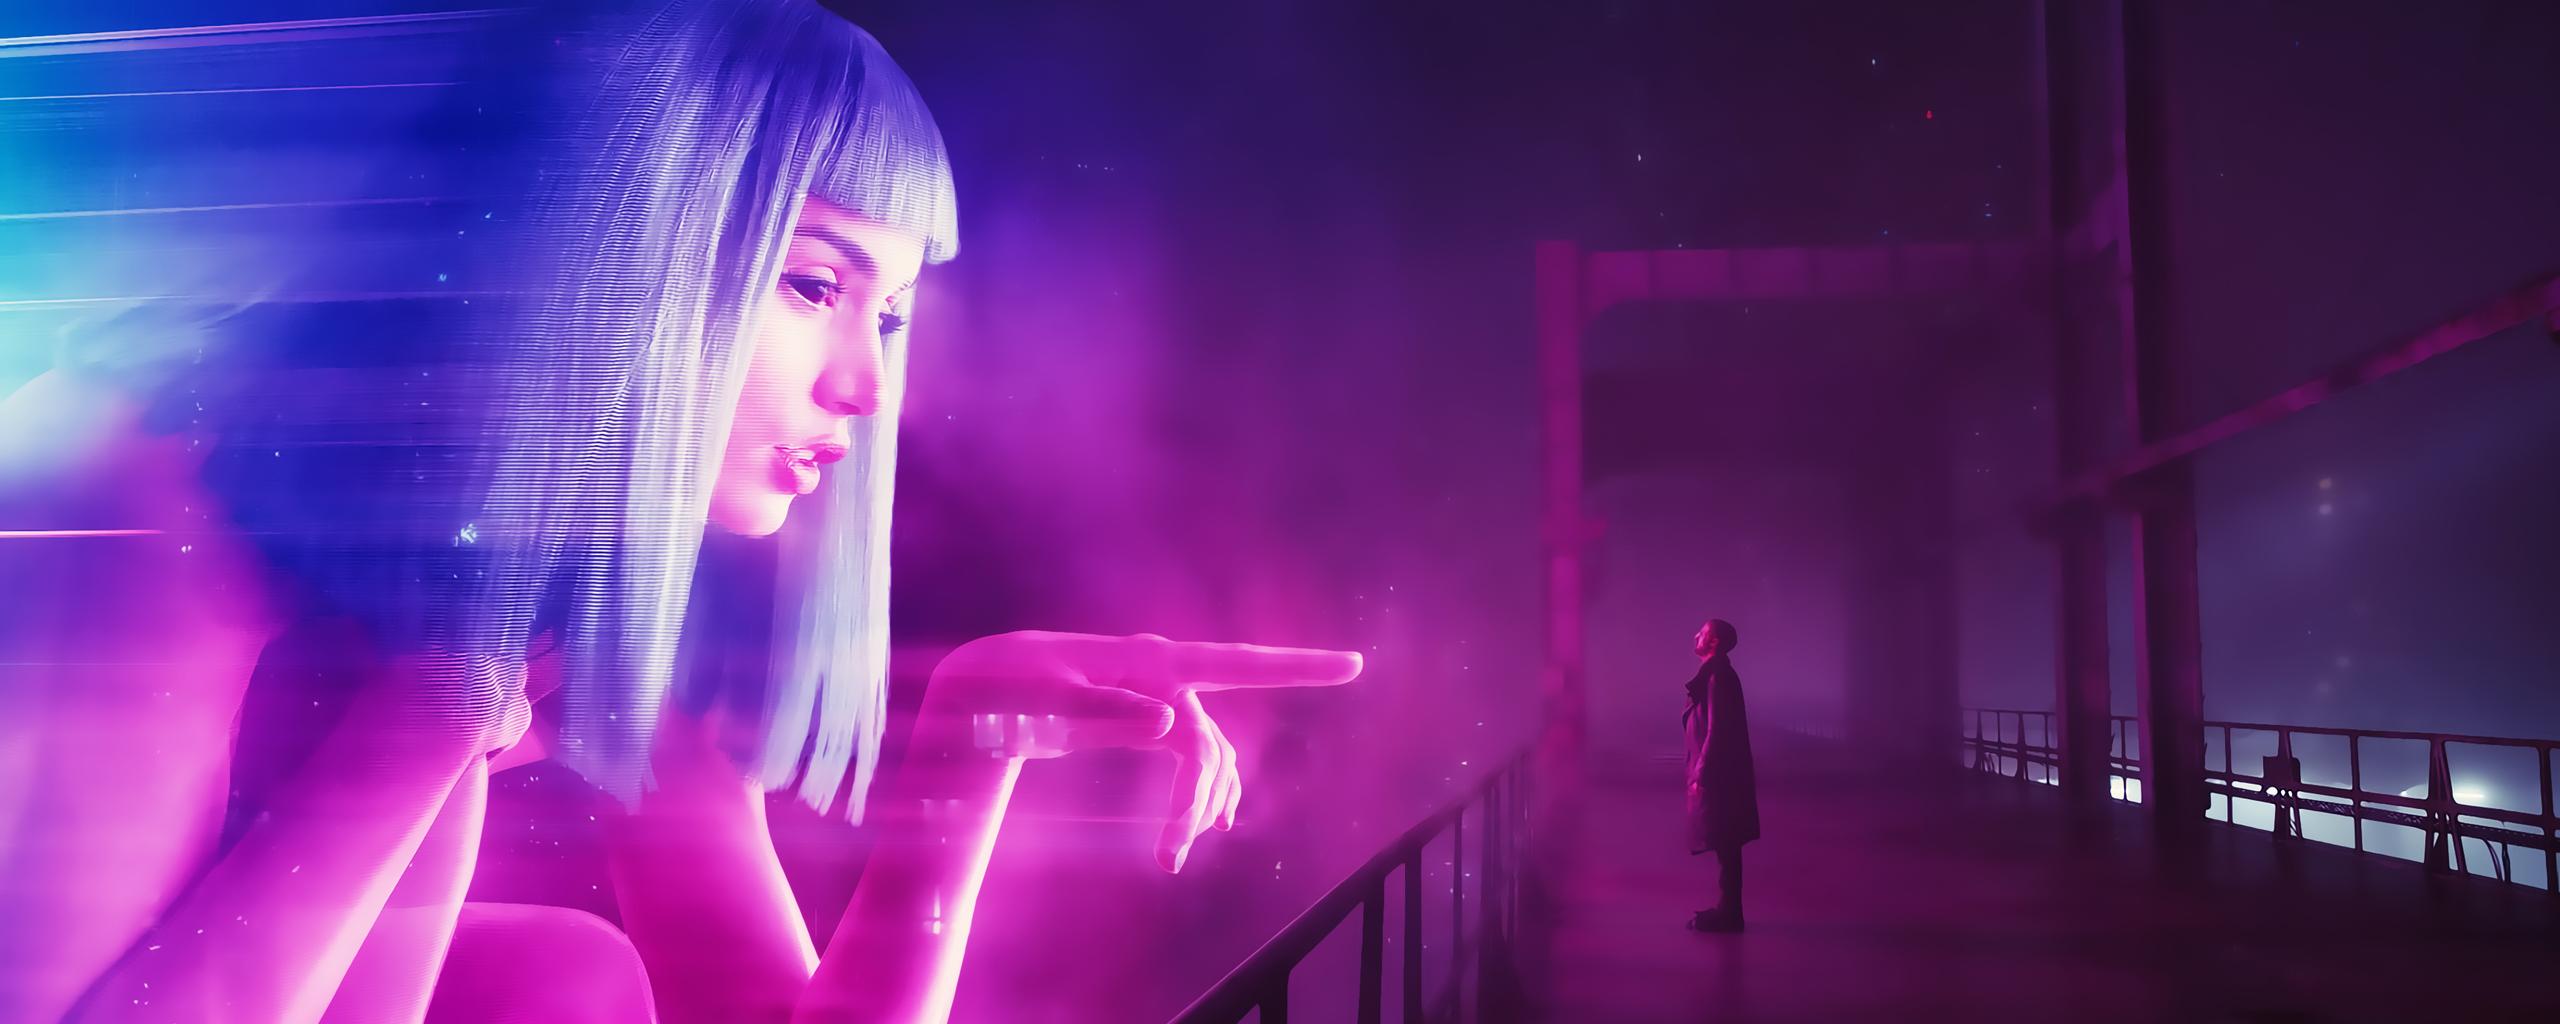 2560x1024 2017 Blade Runner 2049 Movie 4k 2560x1024 ...